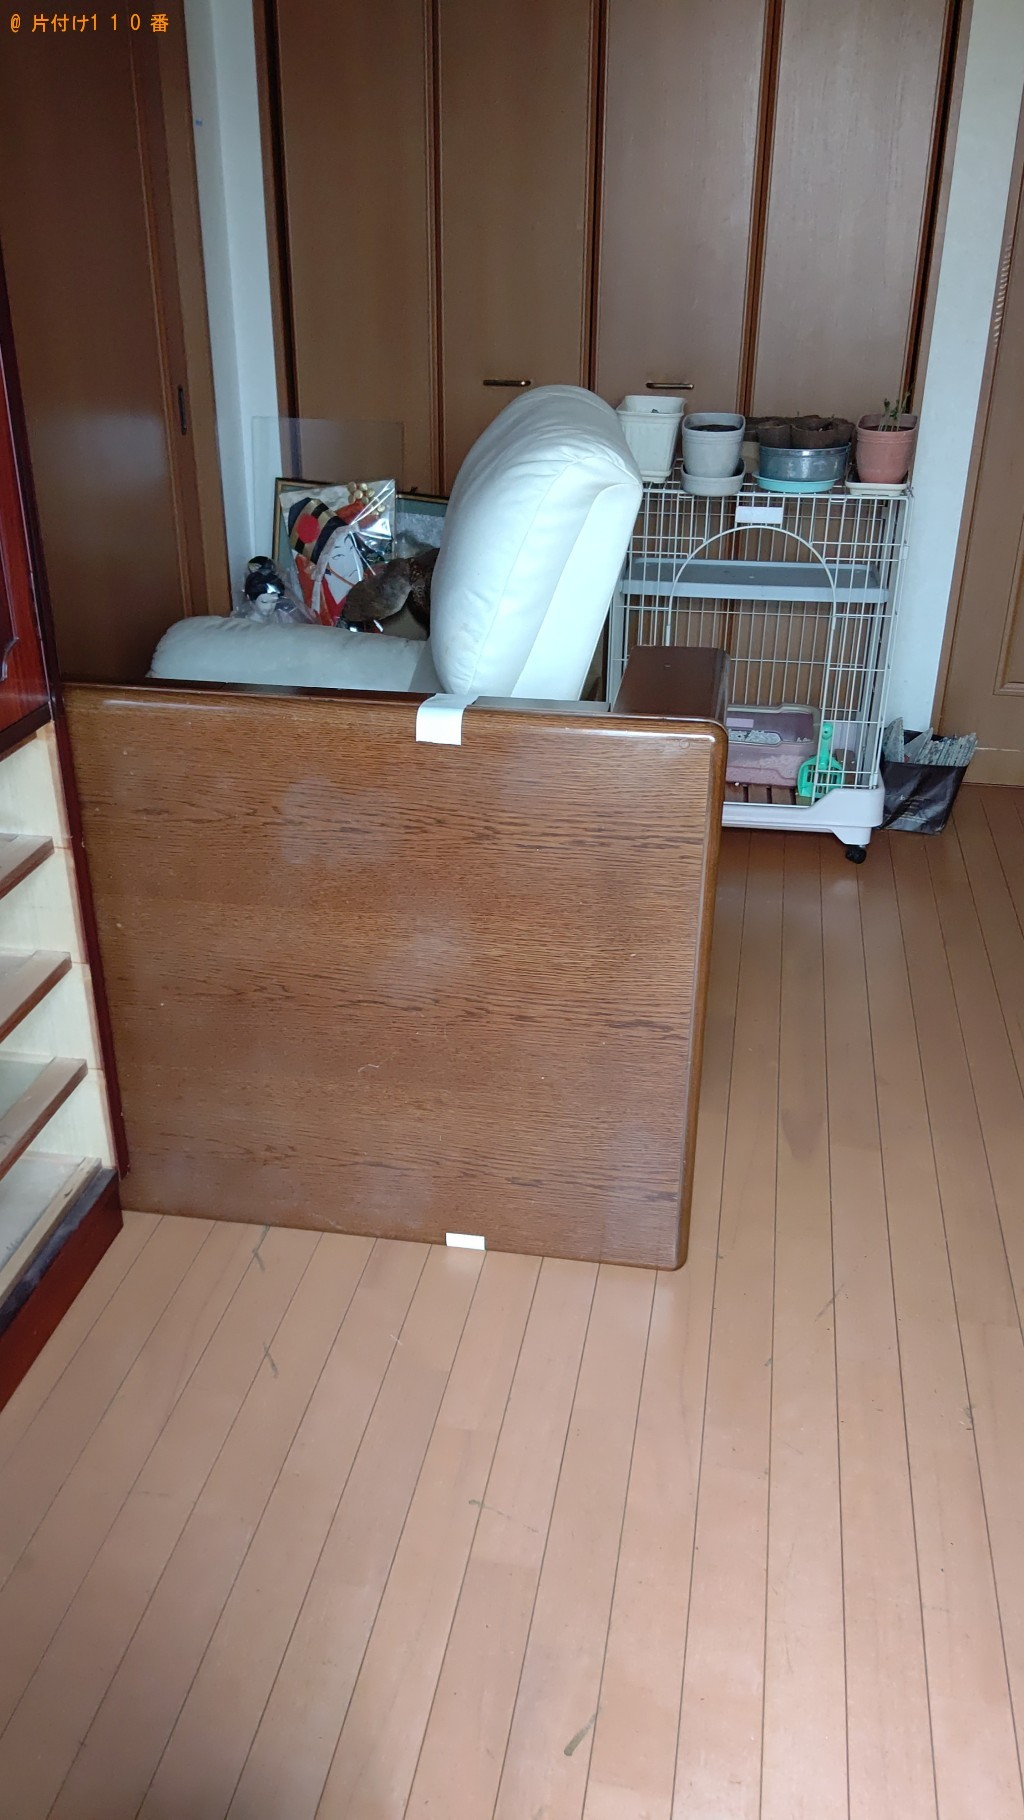 【札幌市】タンス、食器棚、ガラステーブル、椅子の回収・処分